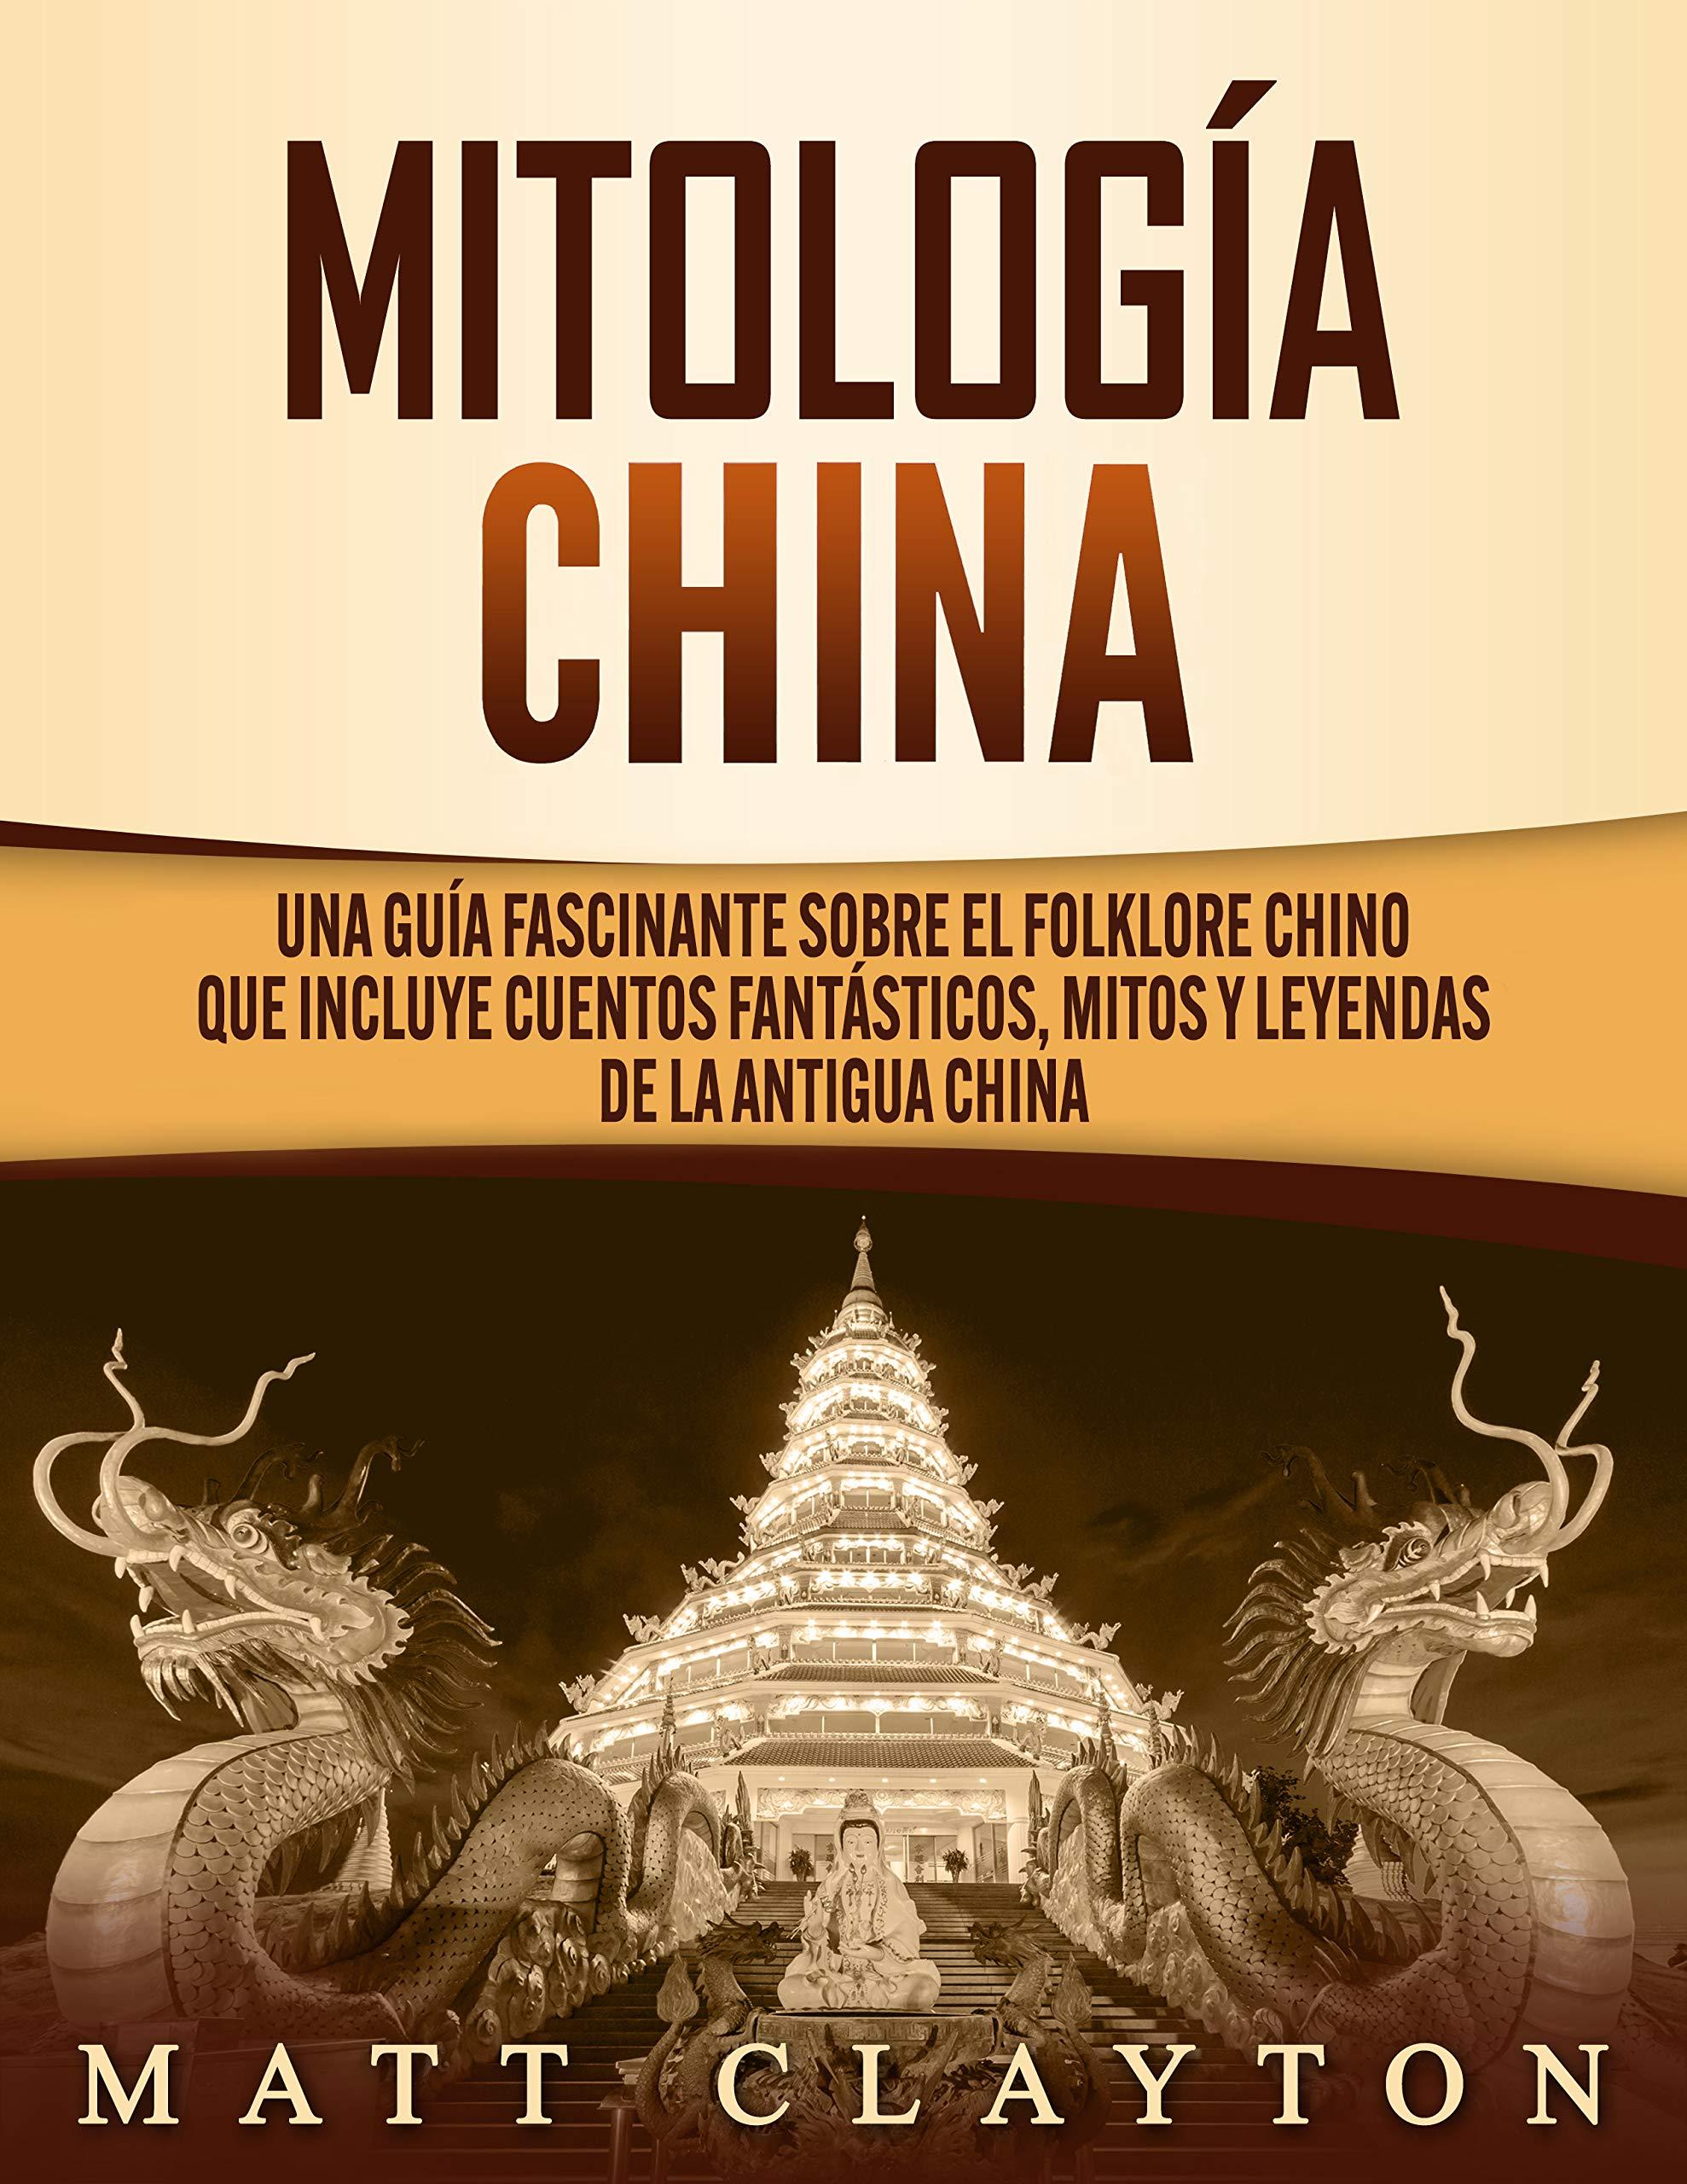 Mitología china: Una guía fascinante sobre el folklore chino que incluye cuentos fantásticos, mitos y leyendas de la antigua China